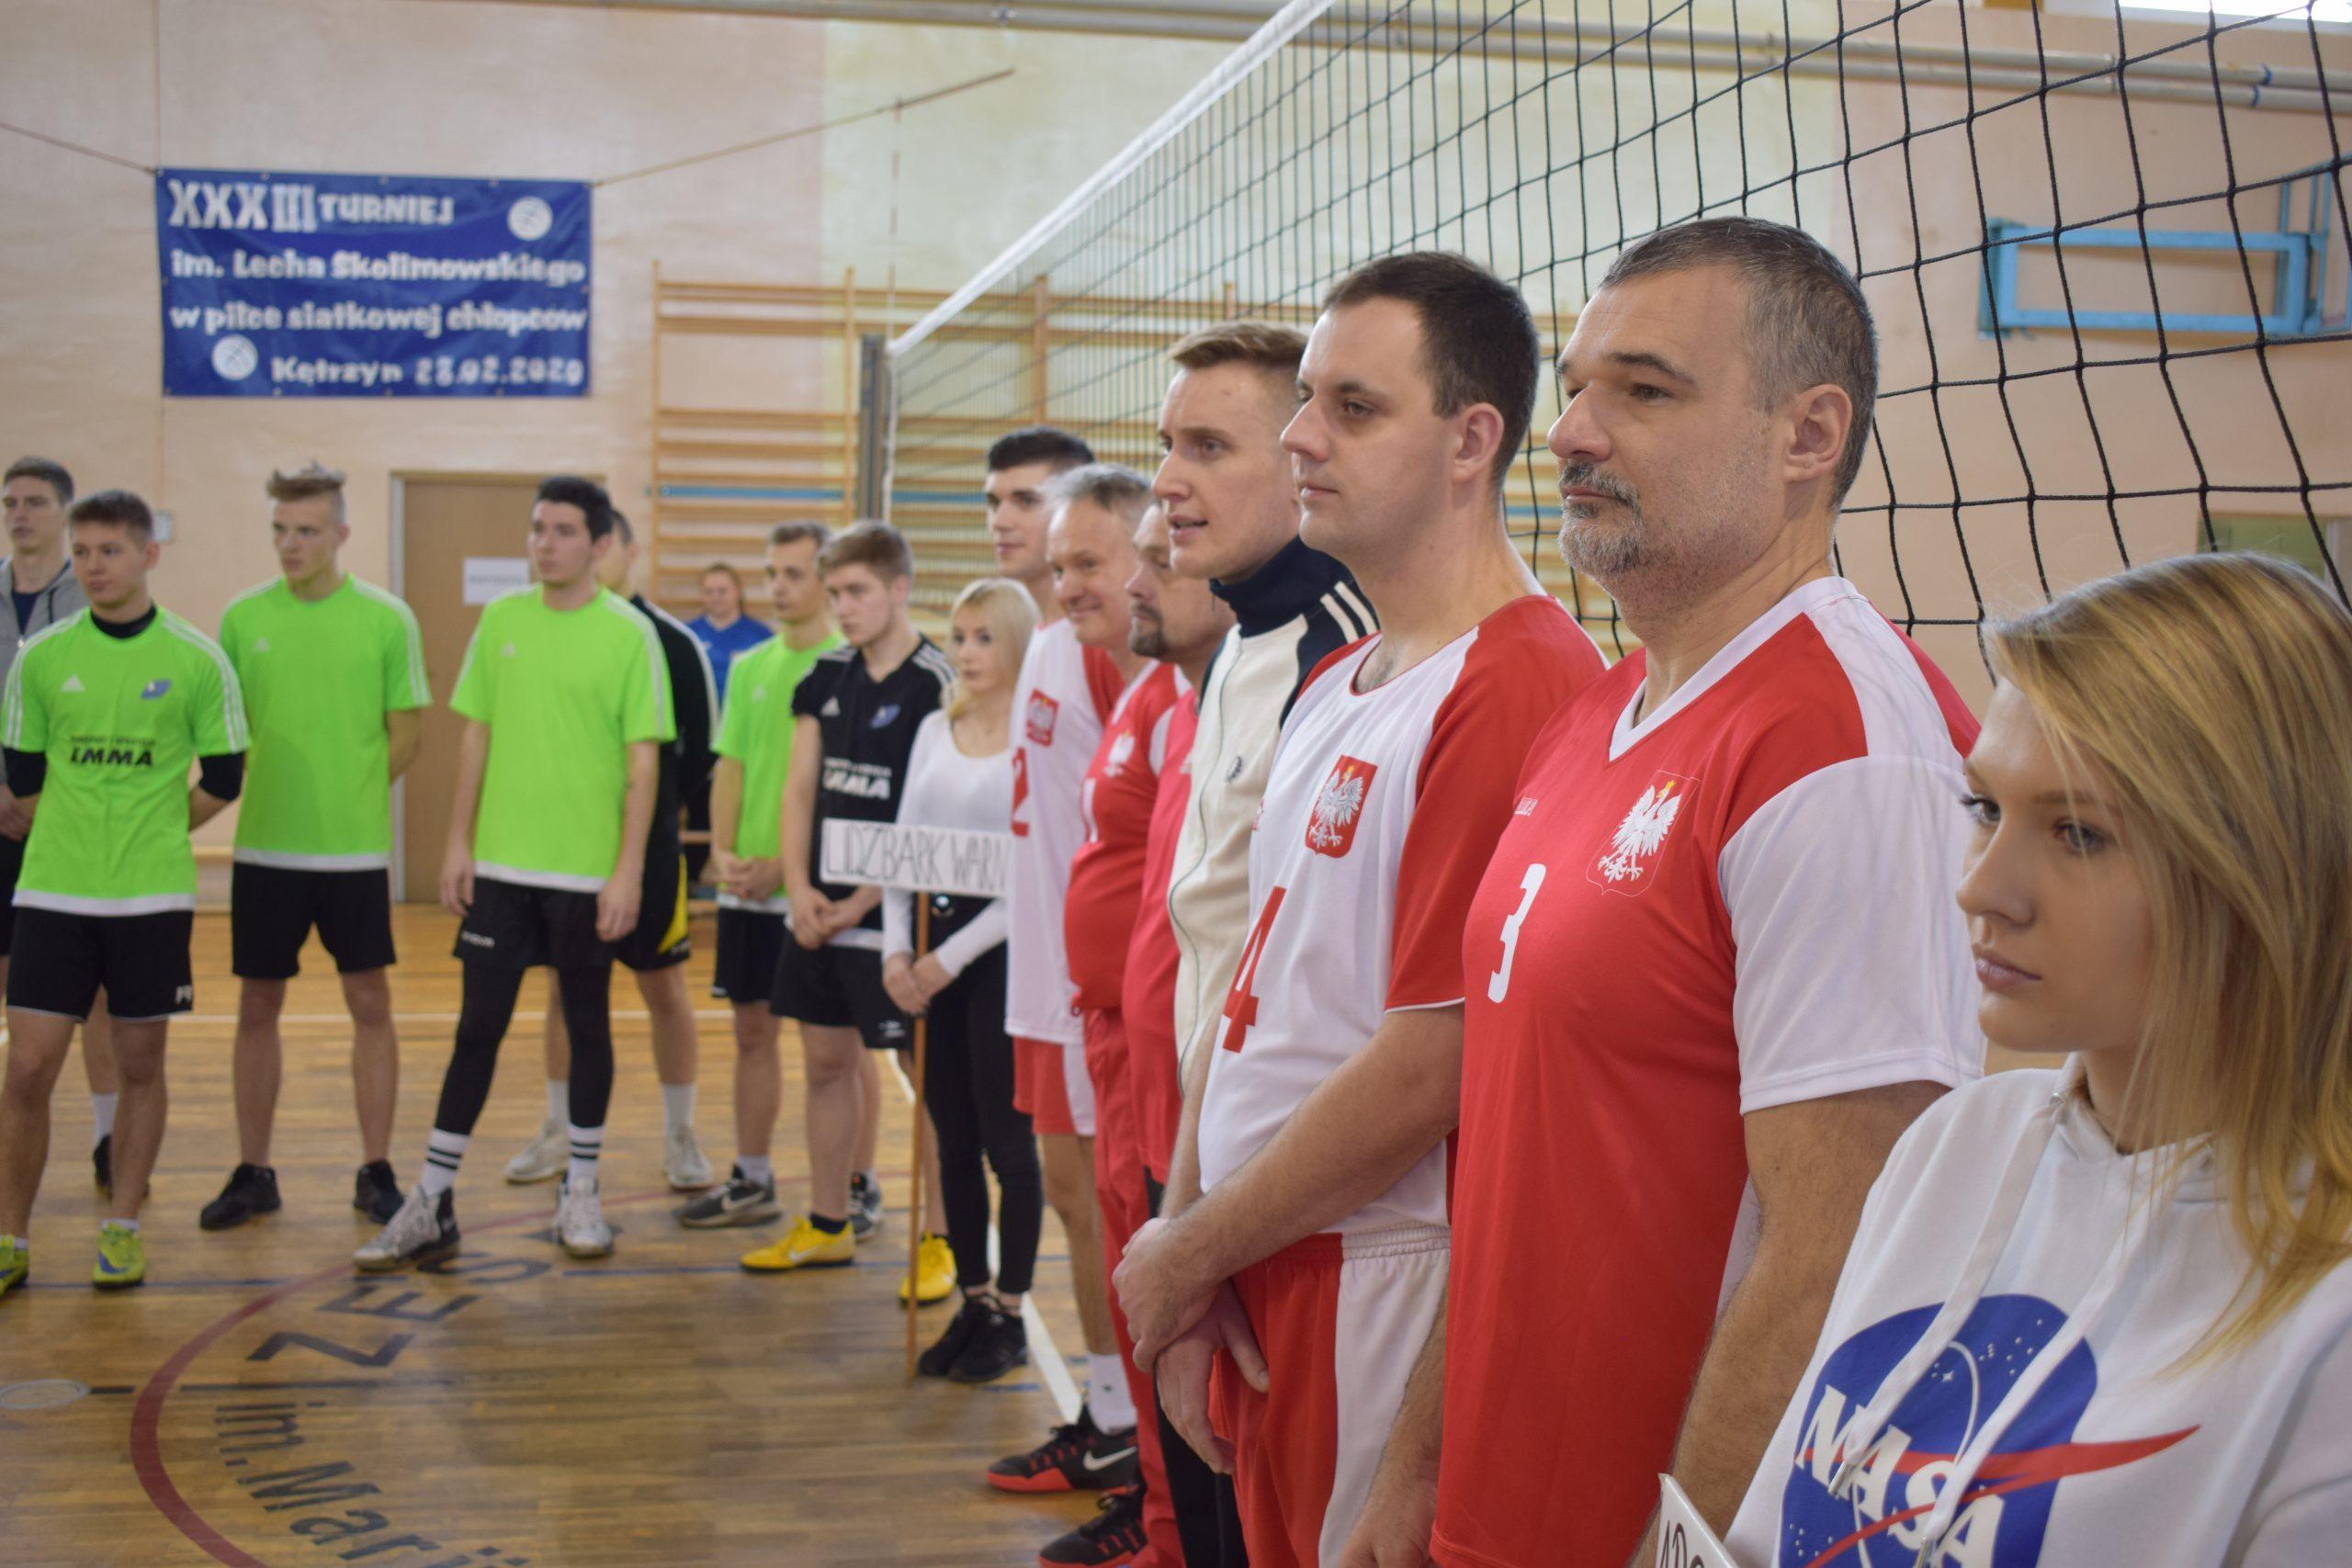 Turniej im. Lecha Skolimowskiego w piłkę siatkową chłopców